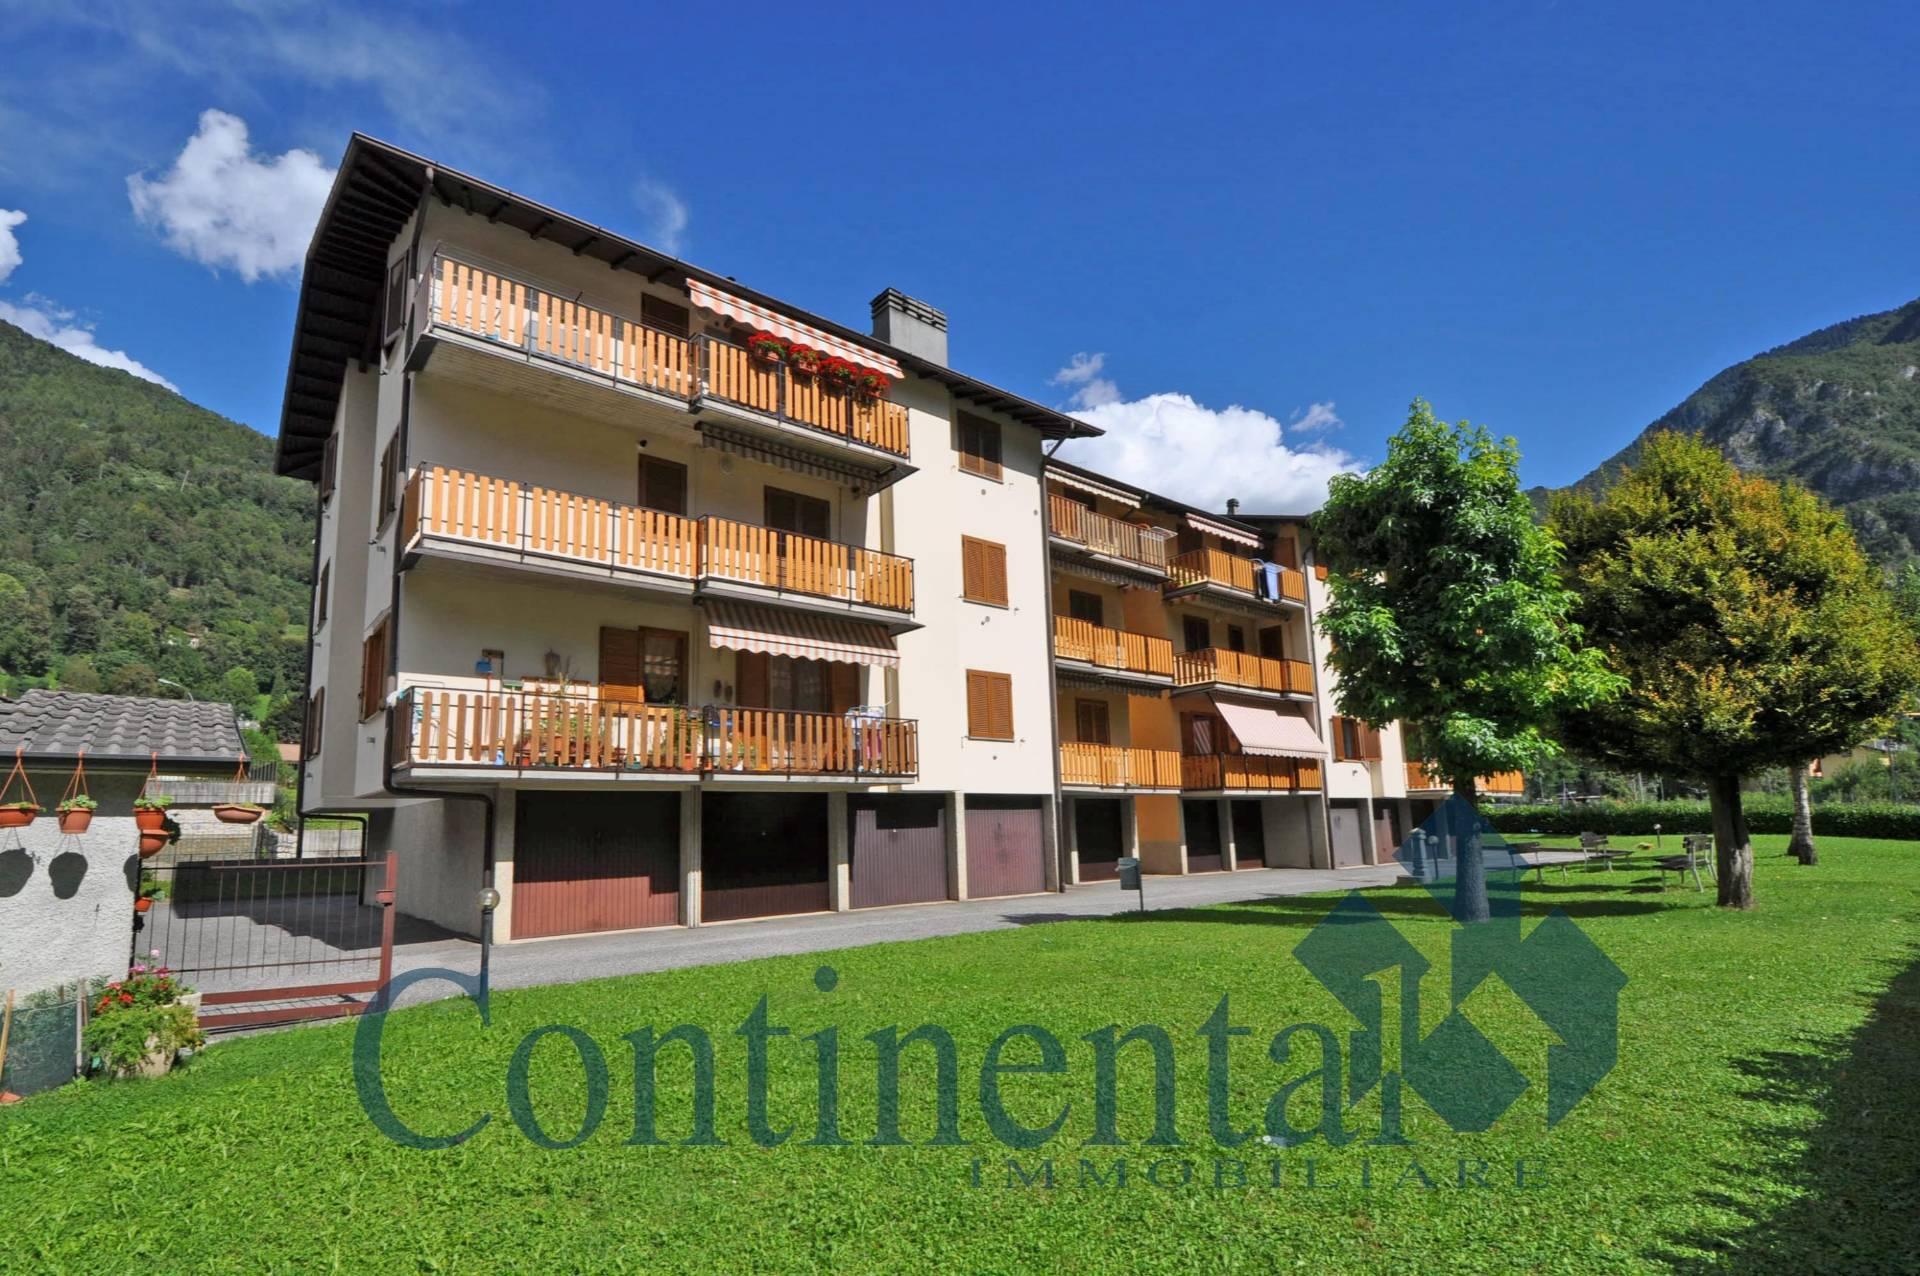 Appartamento in affitto a Piazza Brembana, 2 locali, prezzo € 209 | PortaleAgenzieImmobiliari.it